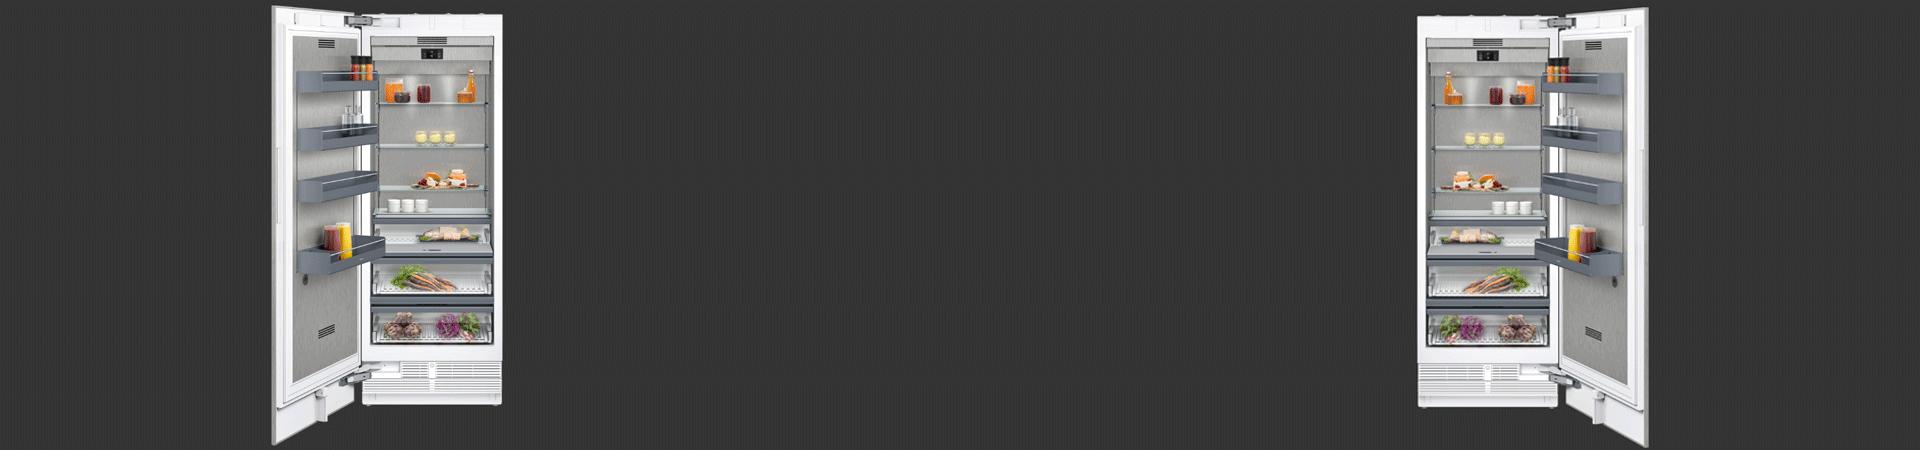 מקרר GAGGENAU דגם RC472 304